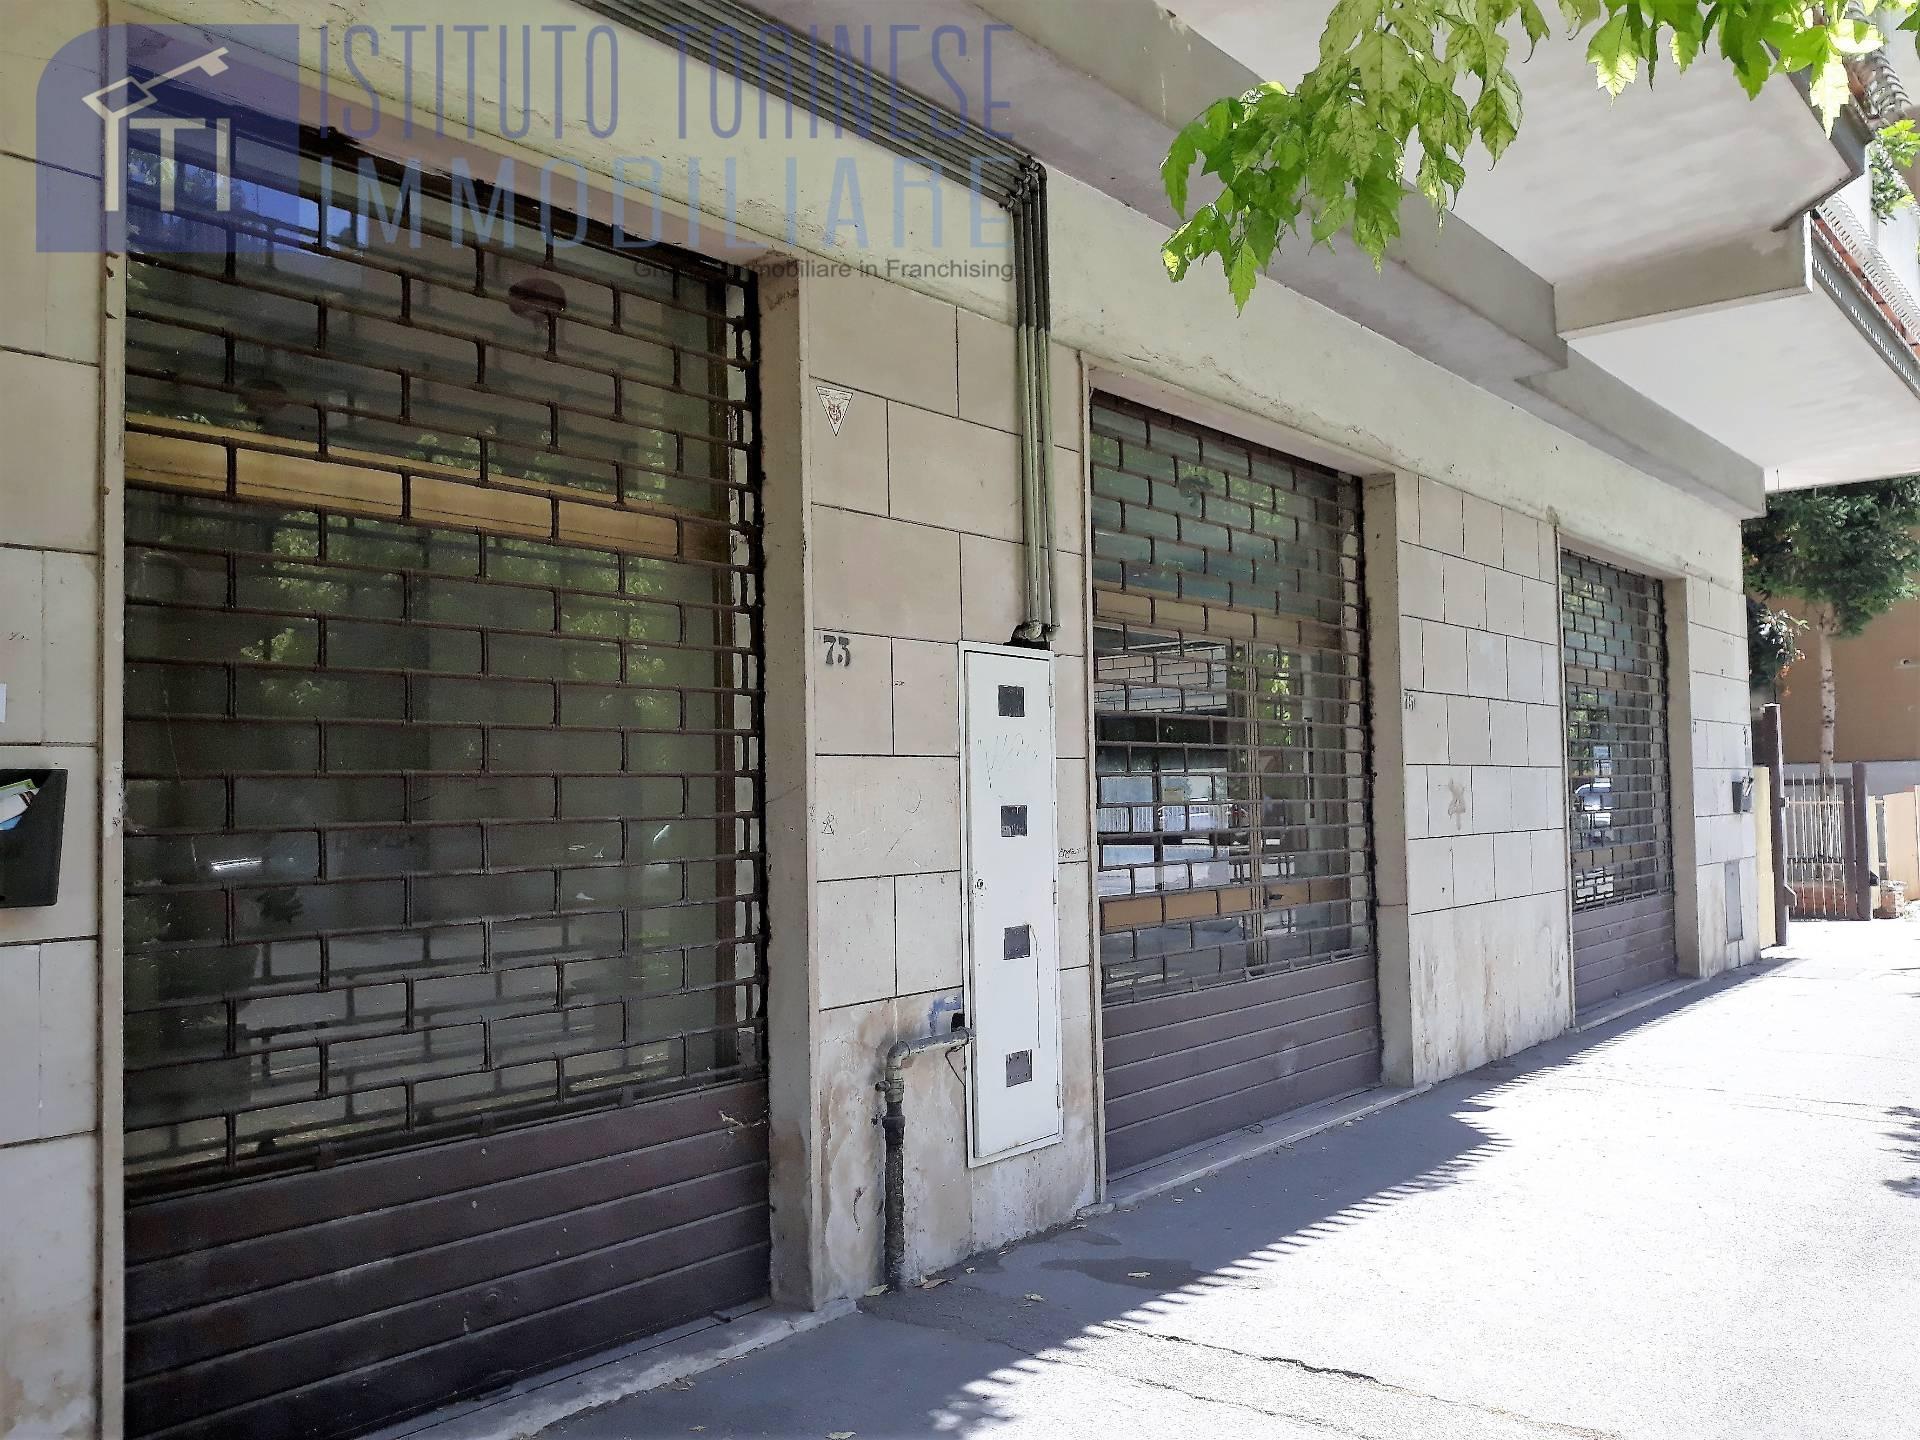 Negozio / Locale in vendita a Cassino, 9999 locali, prezzo € 155.000 | CambioCasa.it